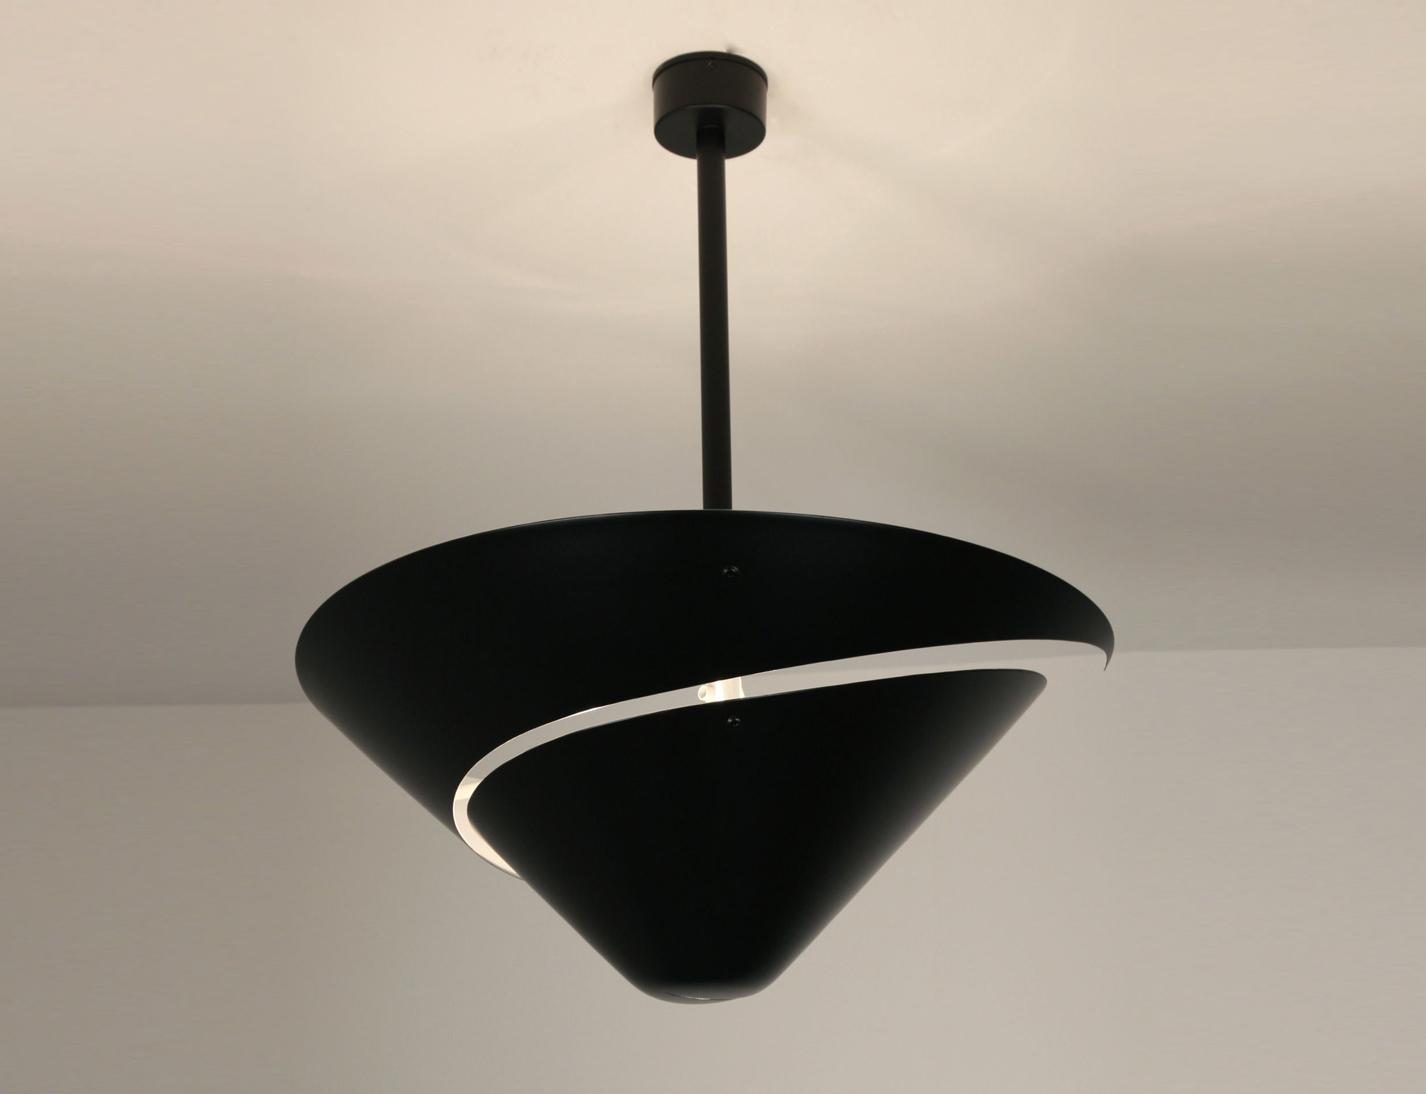 histoire de design les luminaires de serge mouille. Black Bedroom Furniture Sets. Home Design Ideas